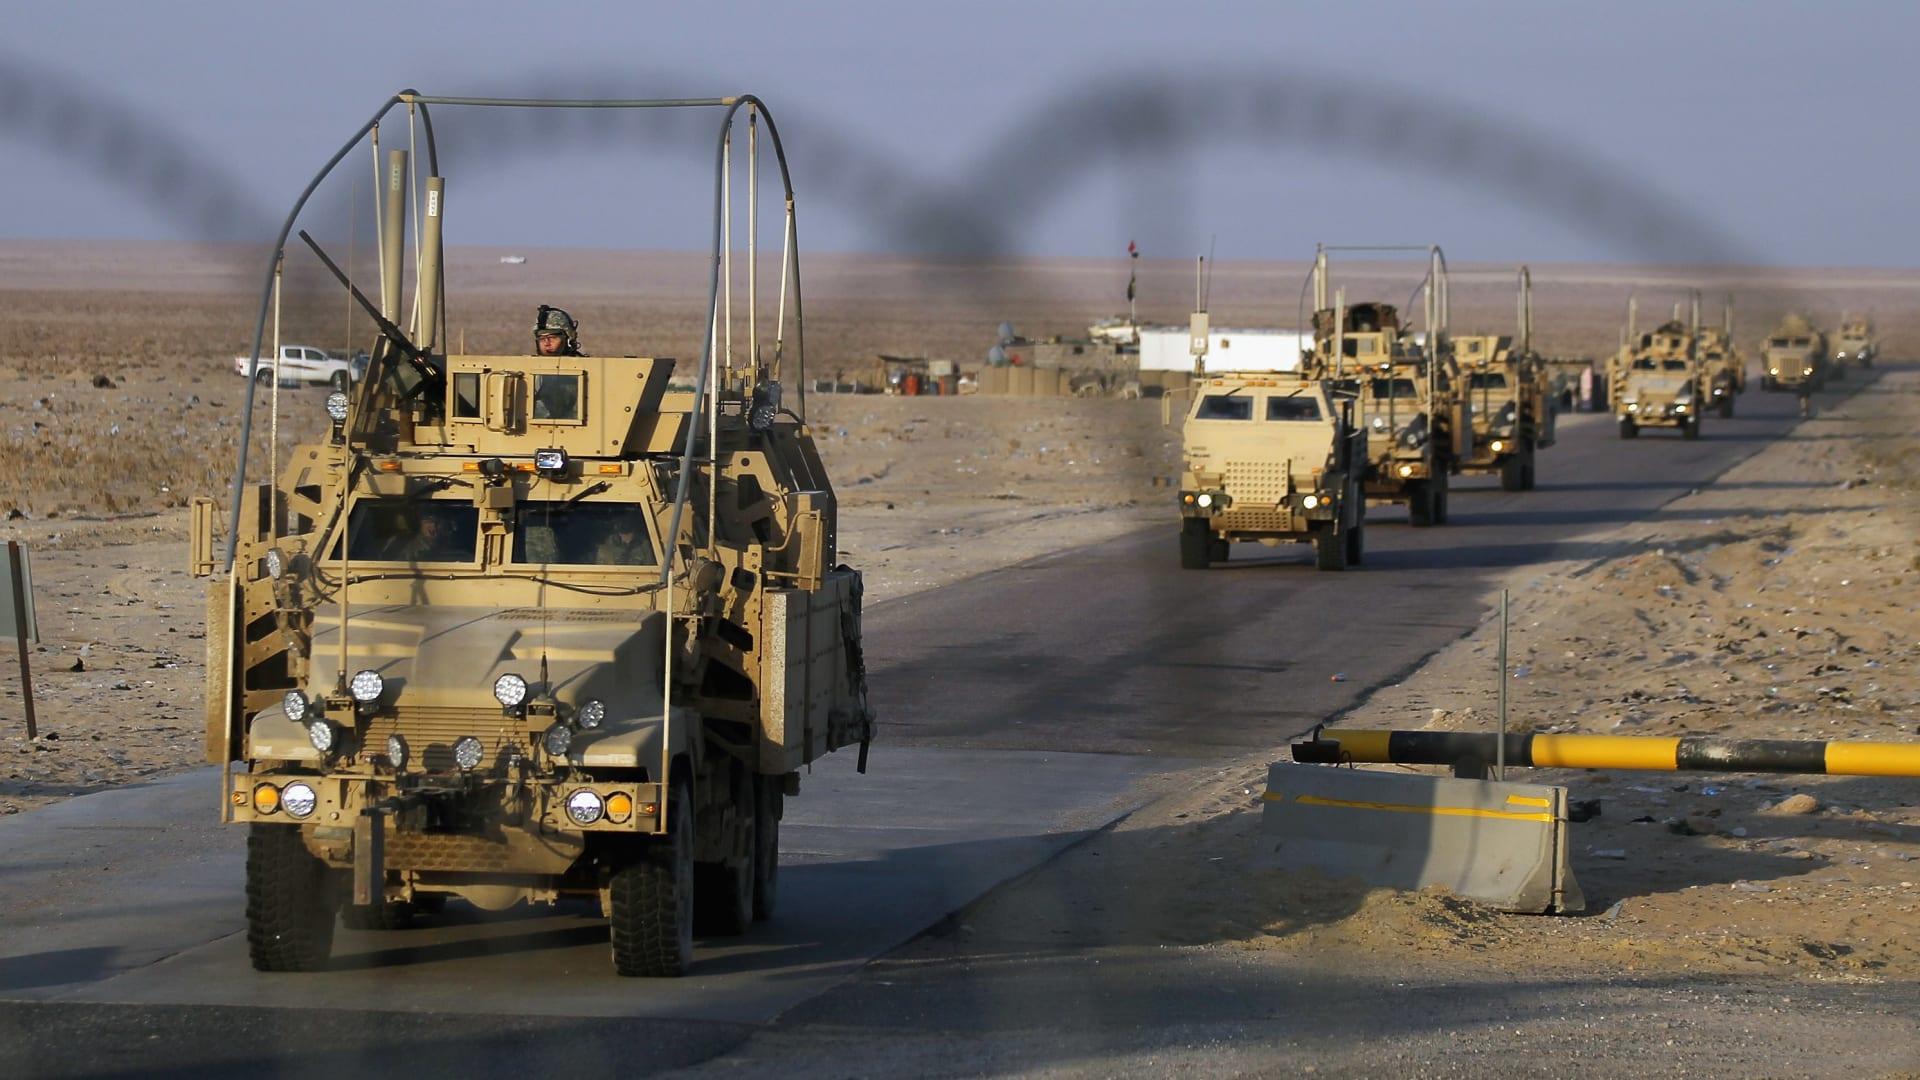 ظريف لـCNN: أمريكا غير مرحب بها في الشرق الأوسط